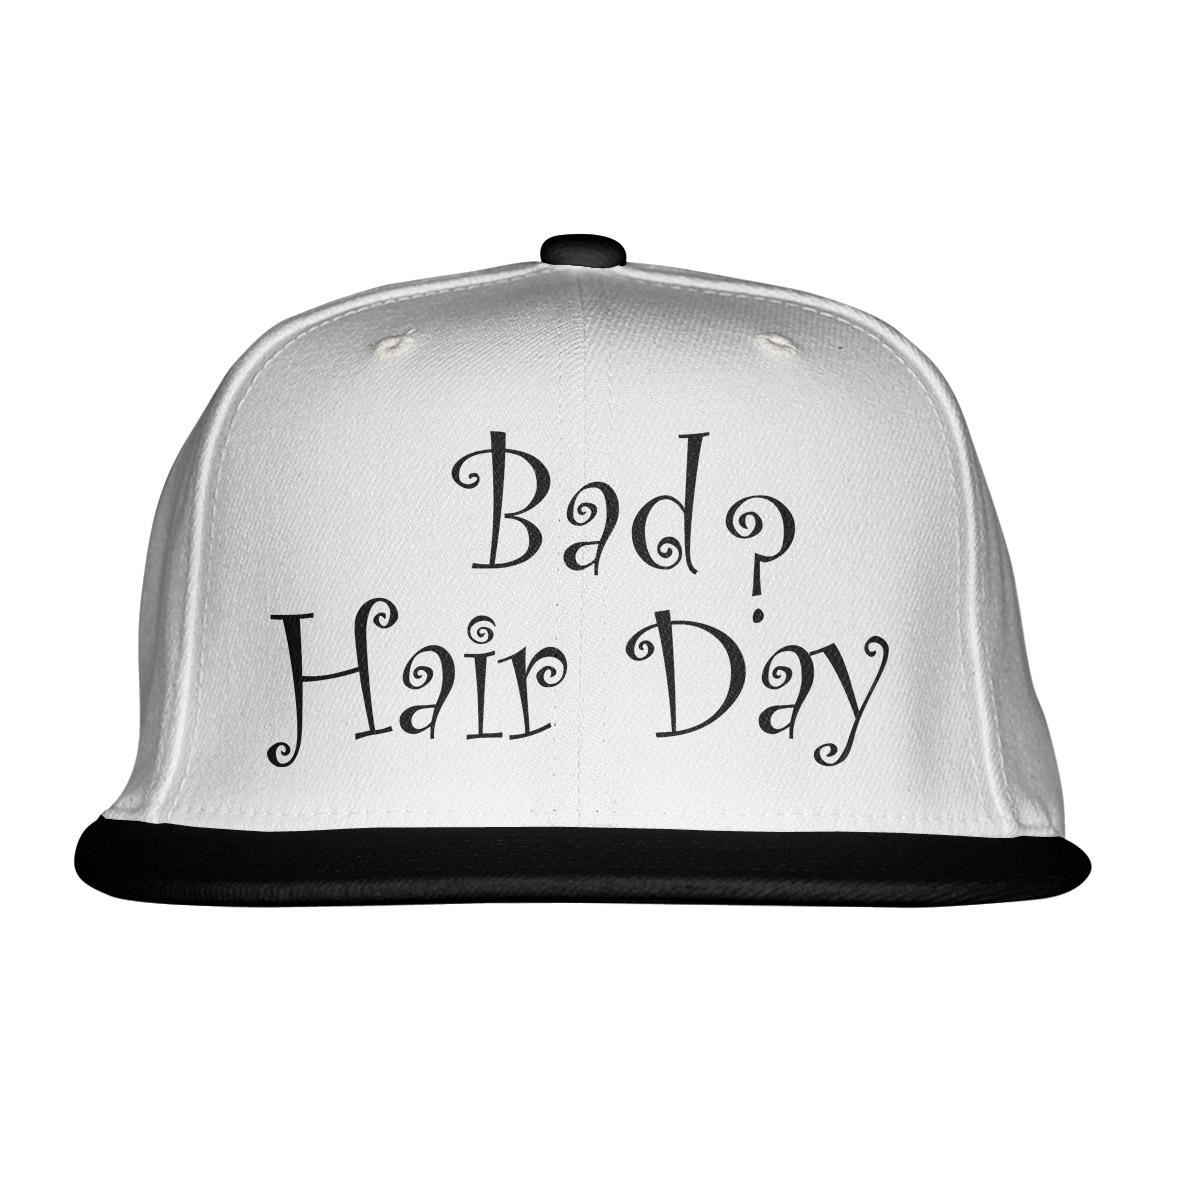 bad hair day baseball sapka flatpeak snapback